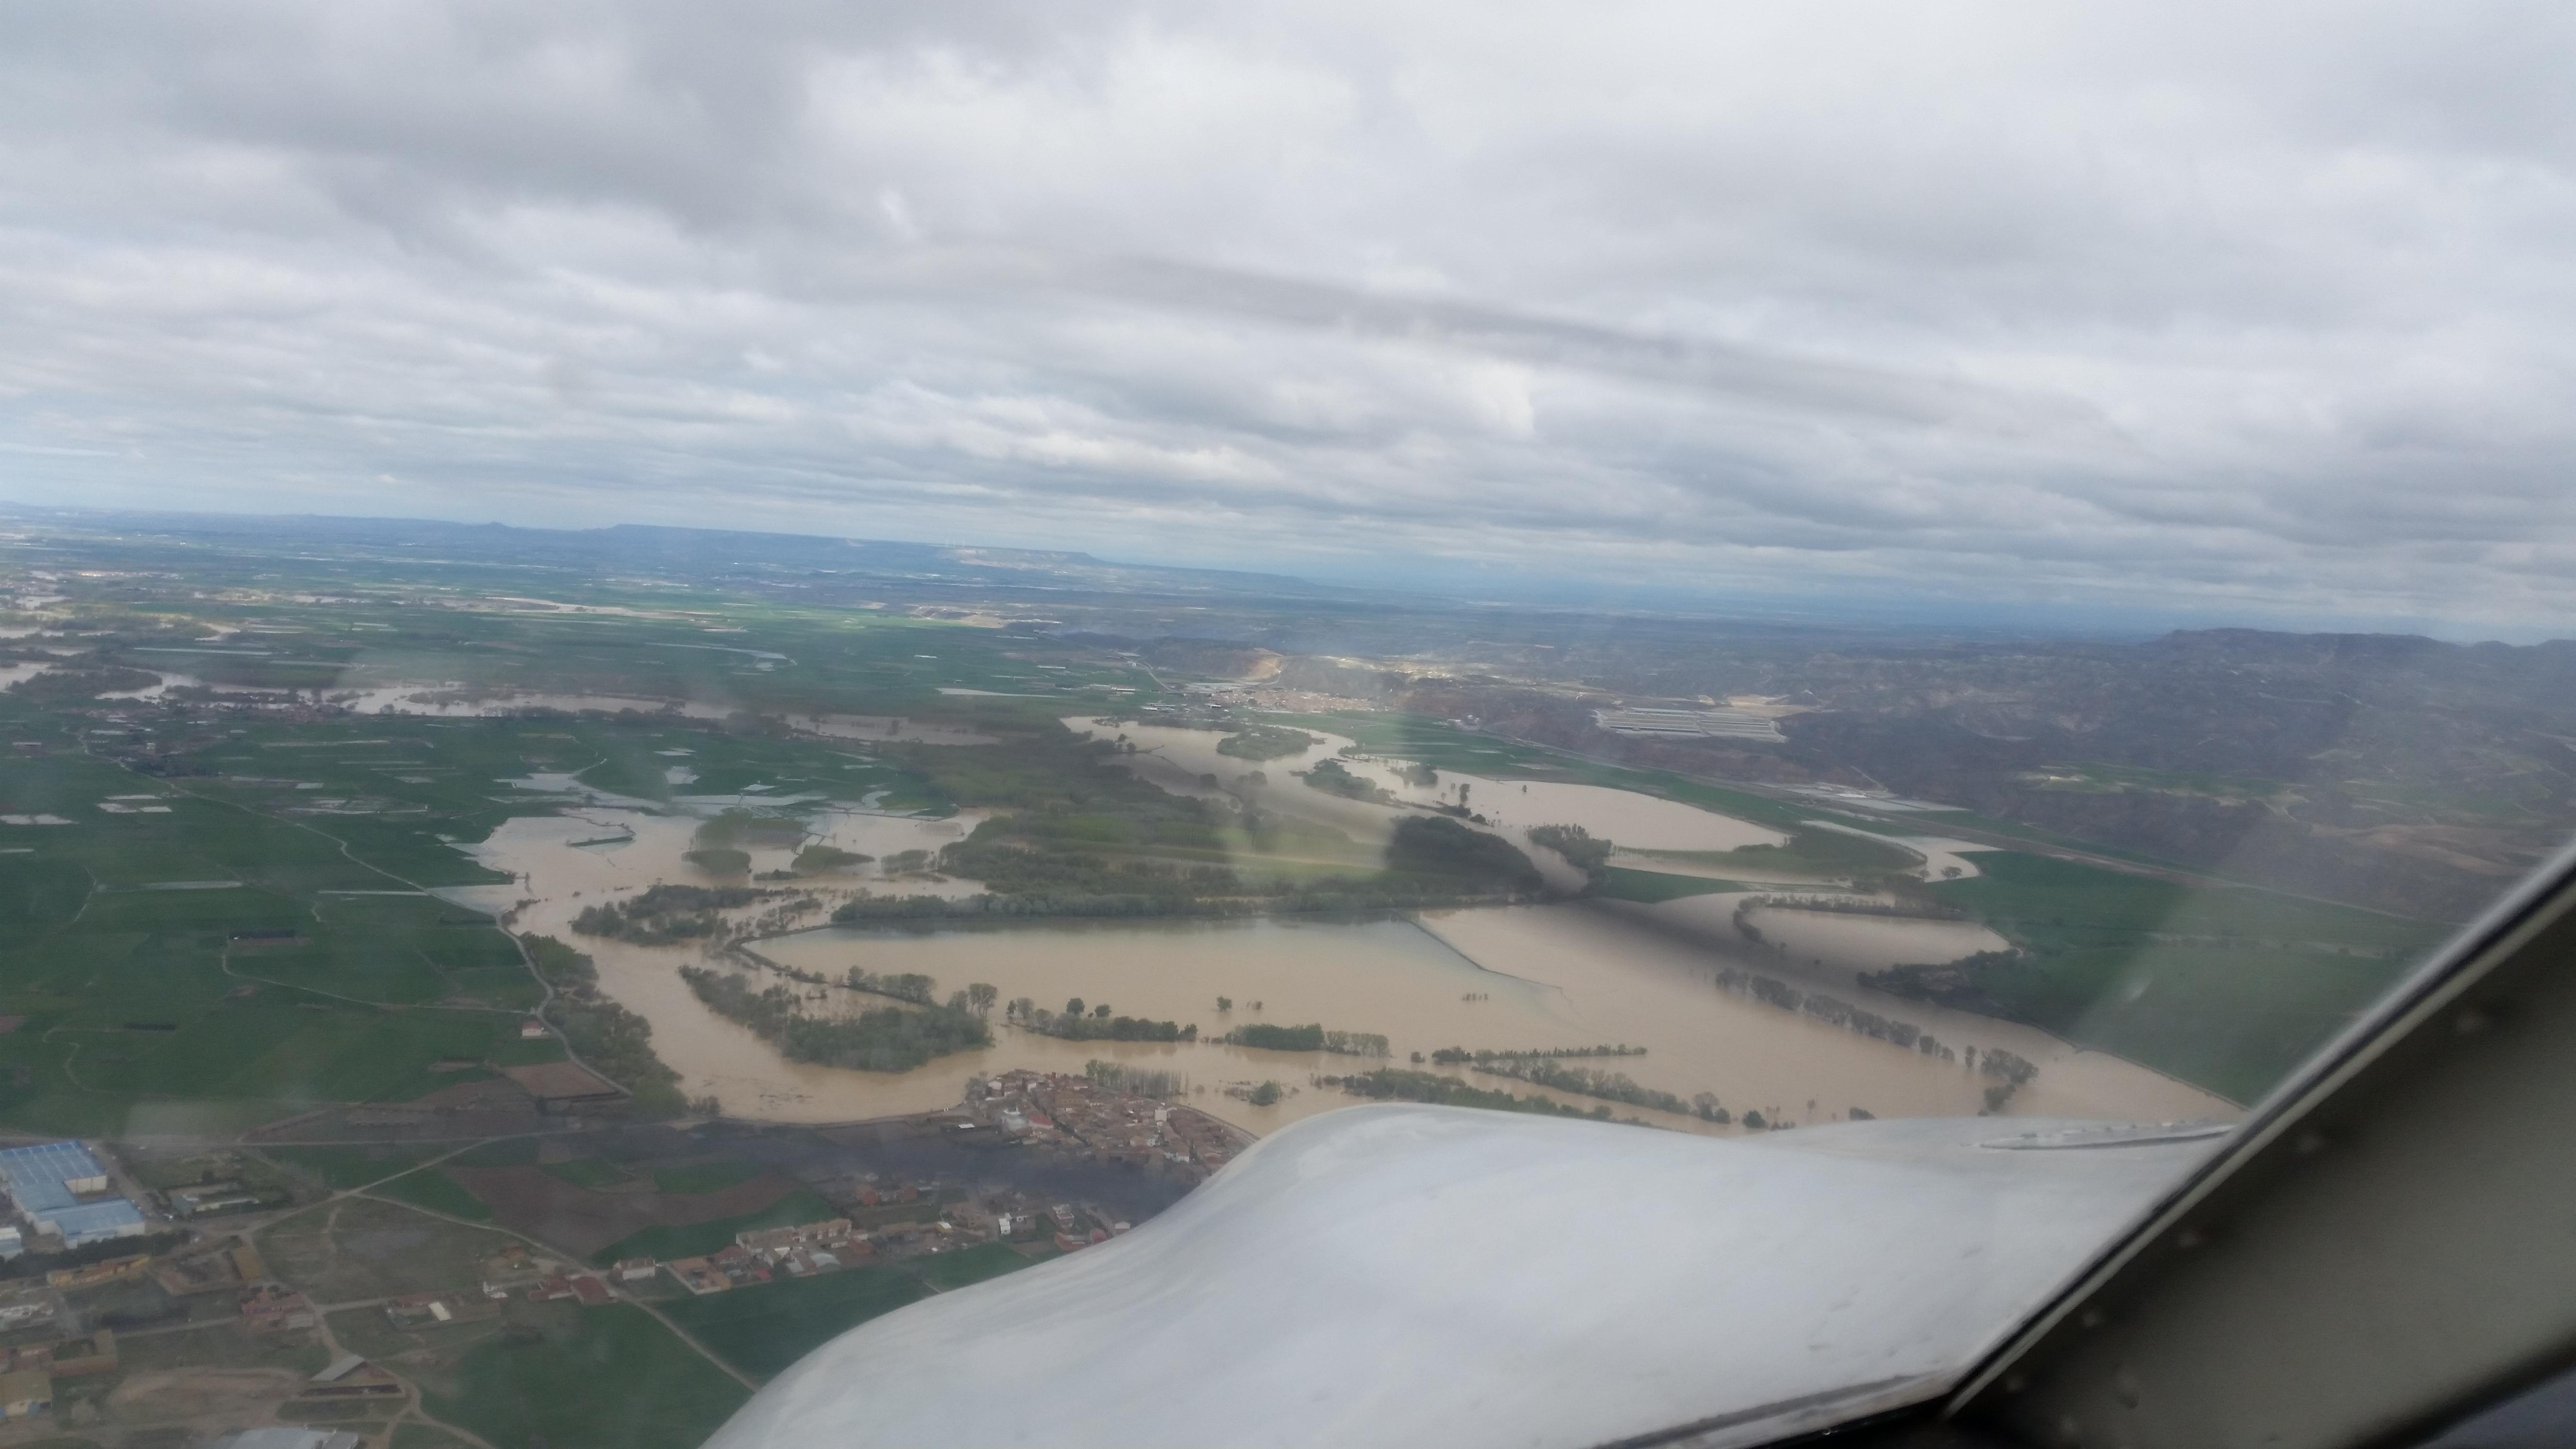 12-04-2018_Inundacion-al-Oeste-de-N-RioEbro-5